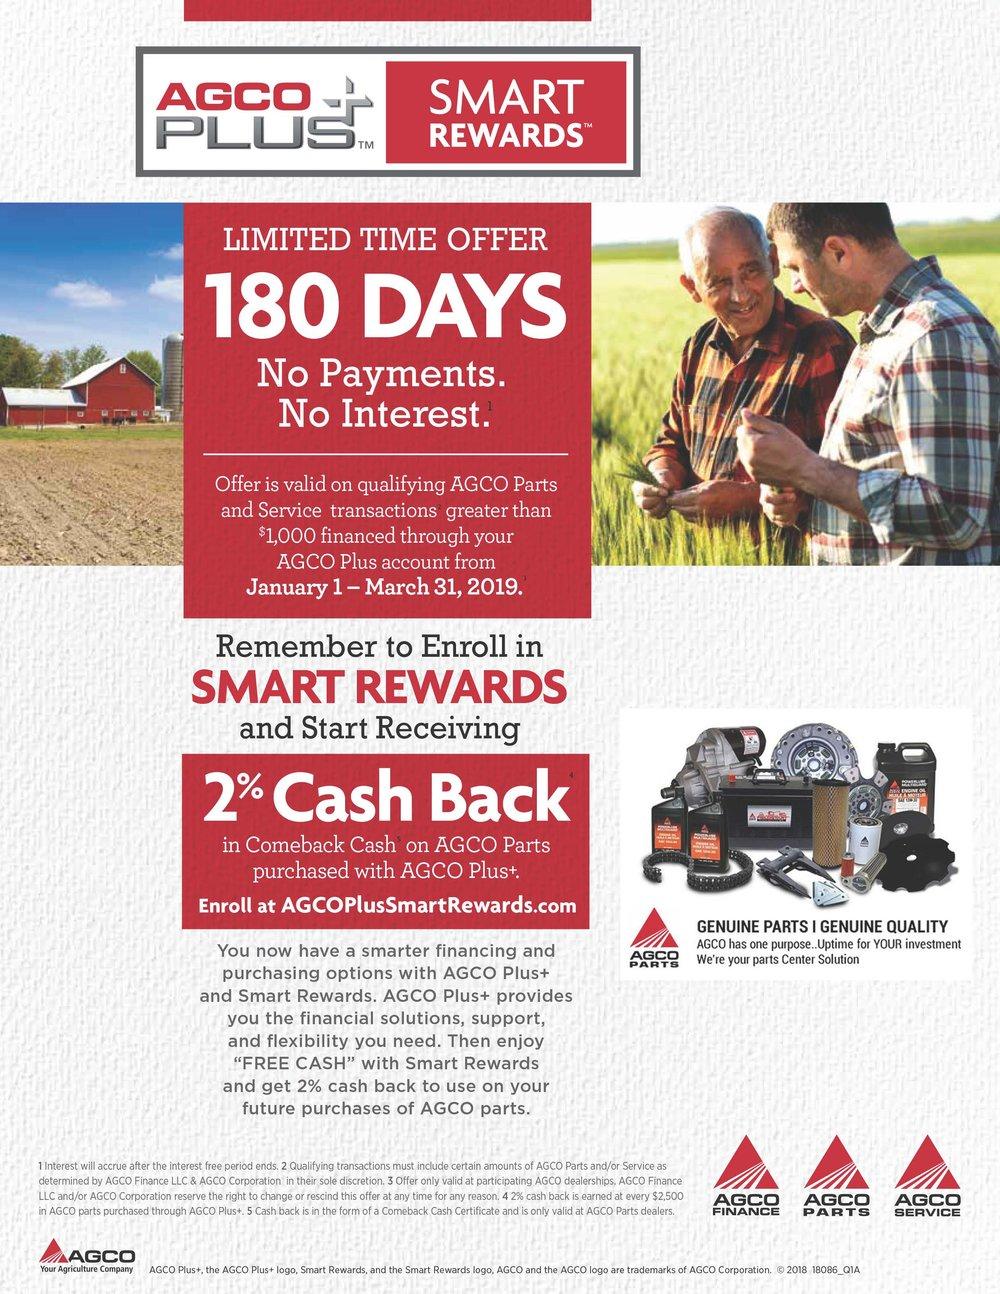 AGCOplus_SmartRewards_180Day_Print_Ad_18086_Q1.jpg